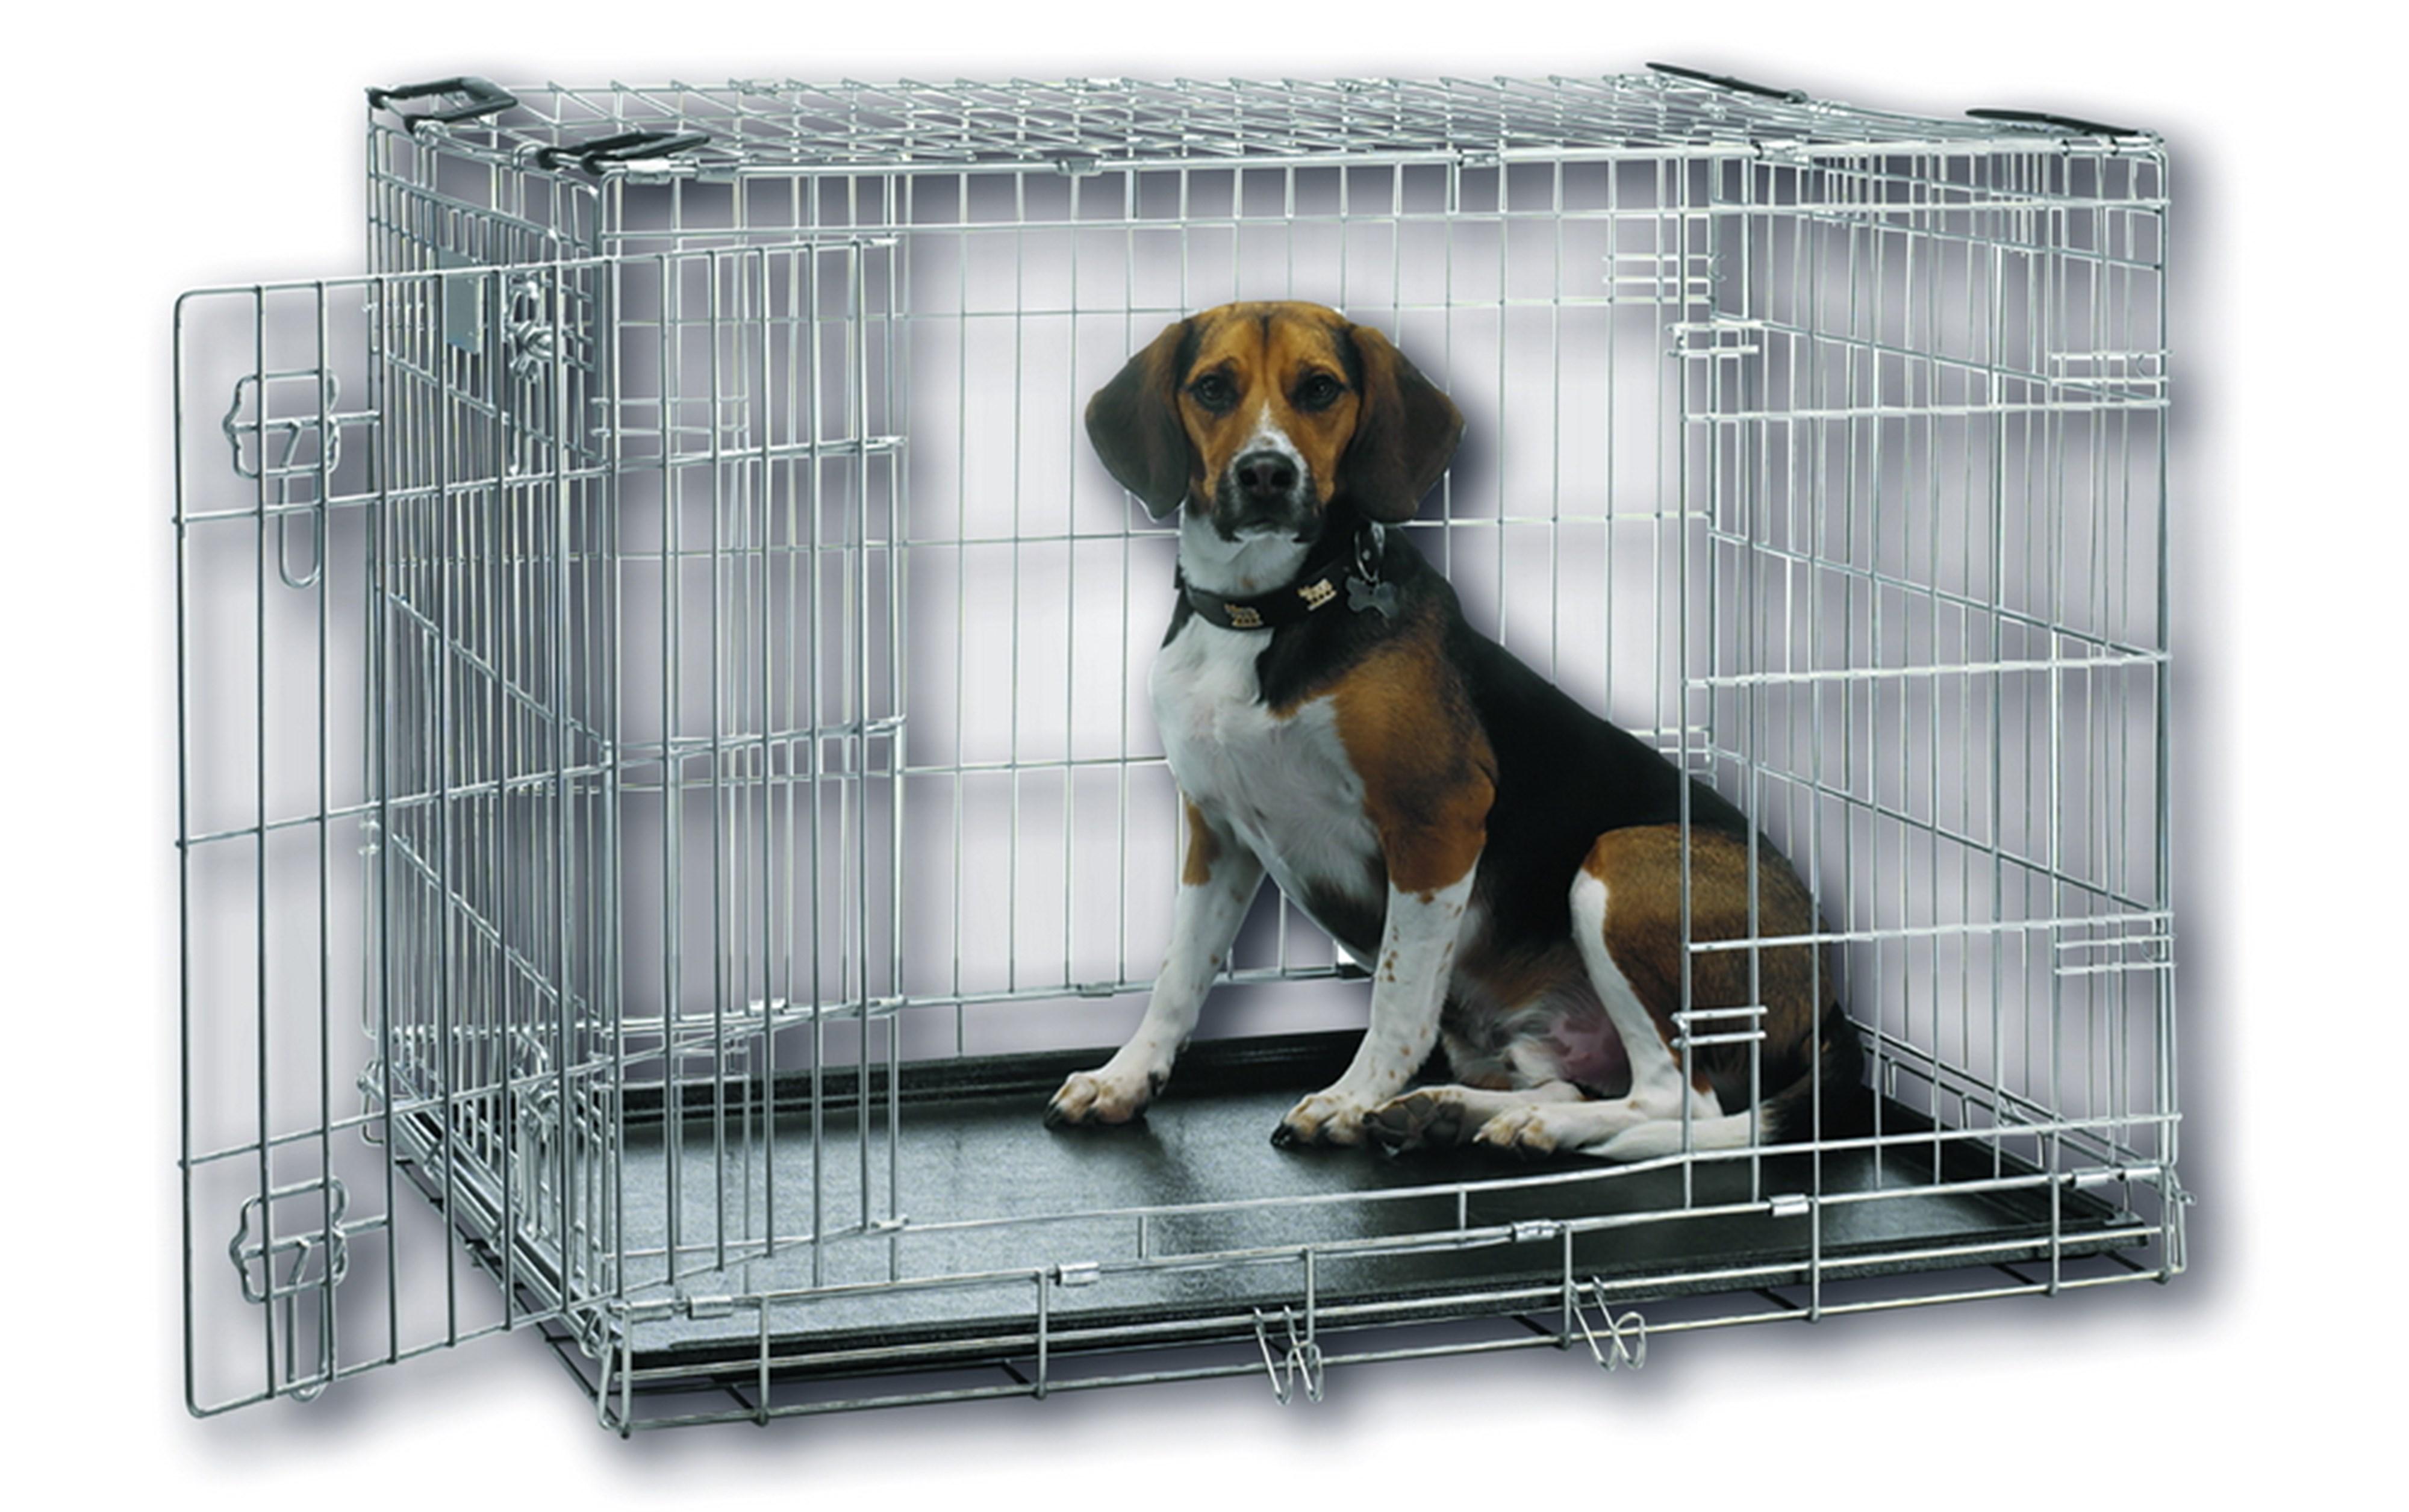 zusammenlegbare hundek fig schweizer hundeshop kauknochen hunde zubeh r schweizer. Black Bedroom Furniture Sets. Home Design Ideas